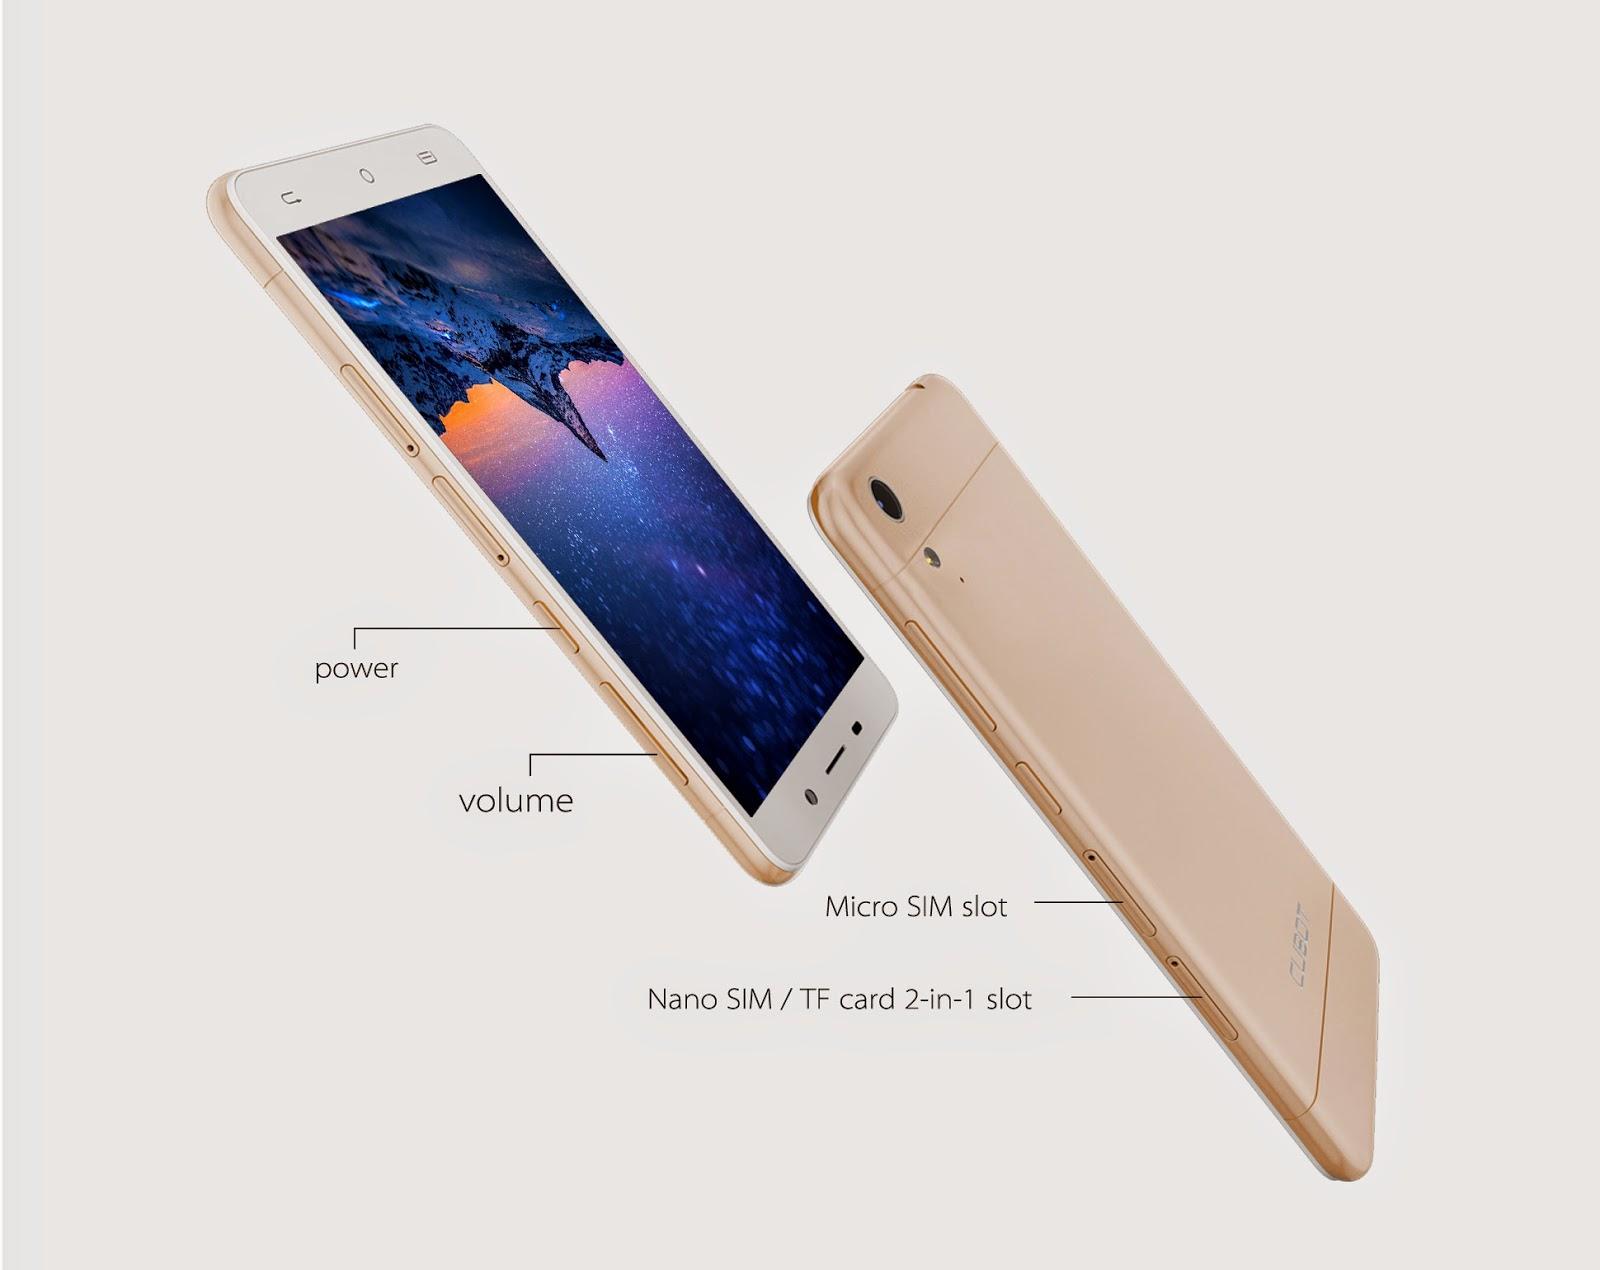 CUBOT X9 5-inch 2GB RAM MTK6592 1.3GHz Octa-core Smartphone